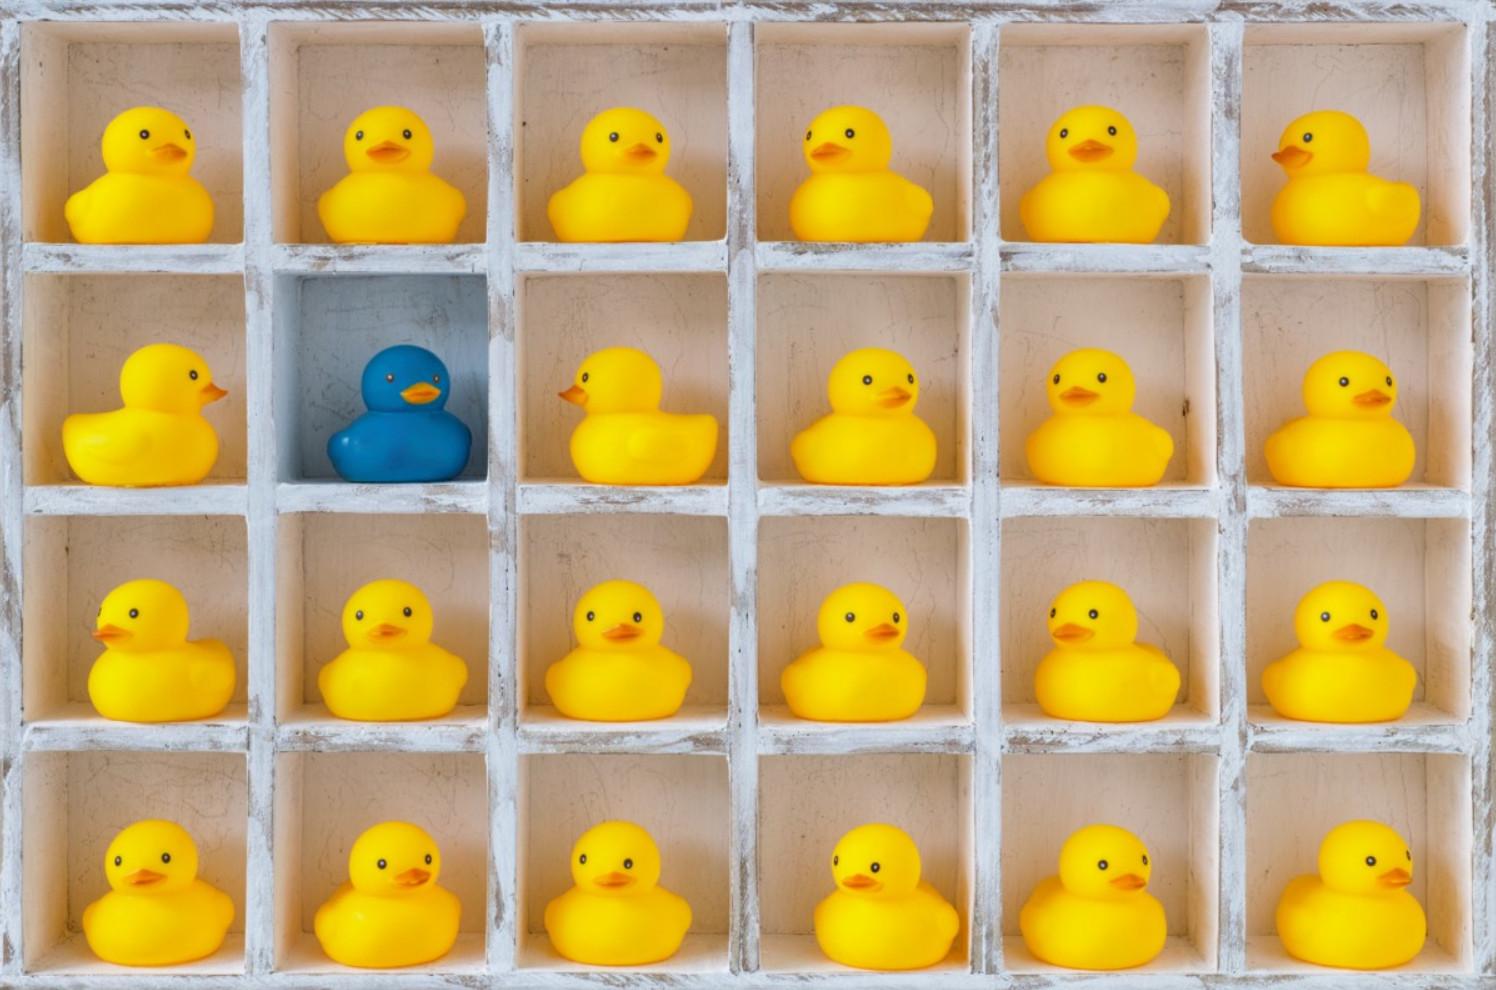 Аренда банковской ячейки в Сбербанке — сколько стоят сейфовые ячейки для хранения, адреса ячеек Сбербанка